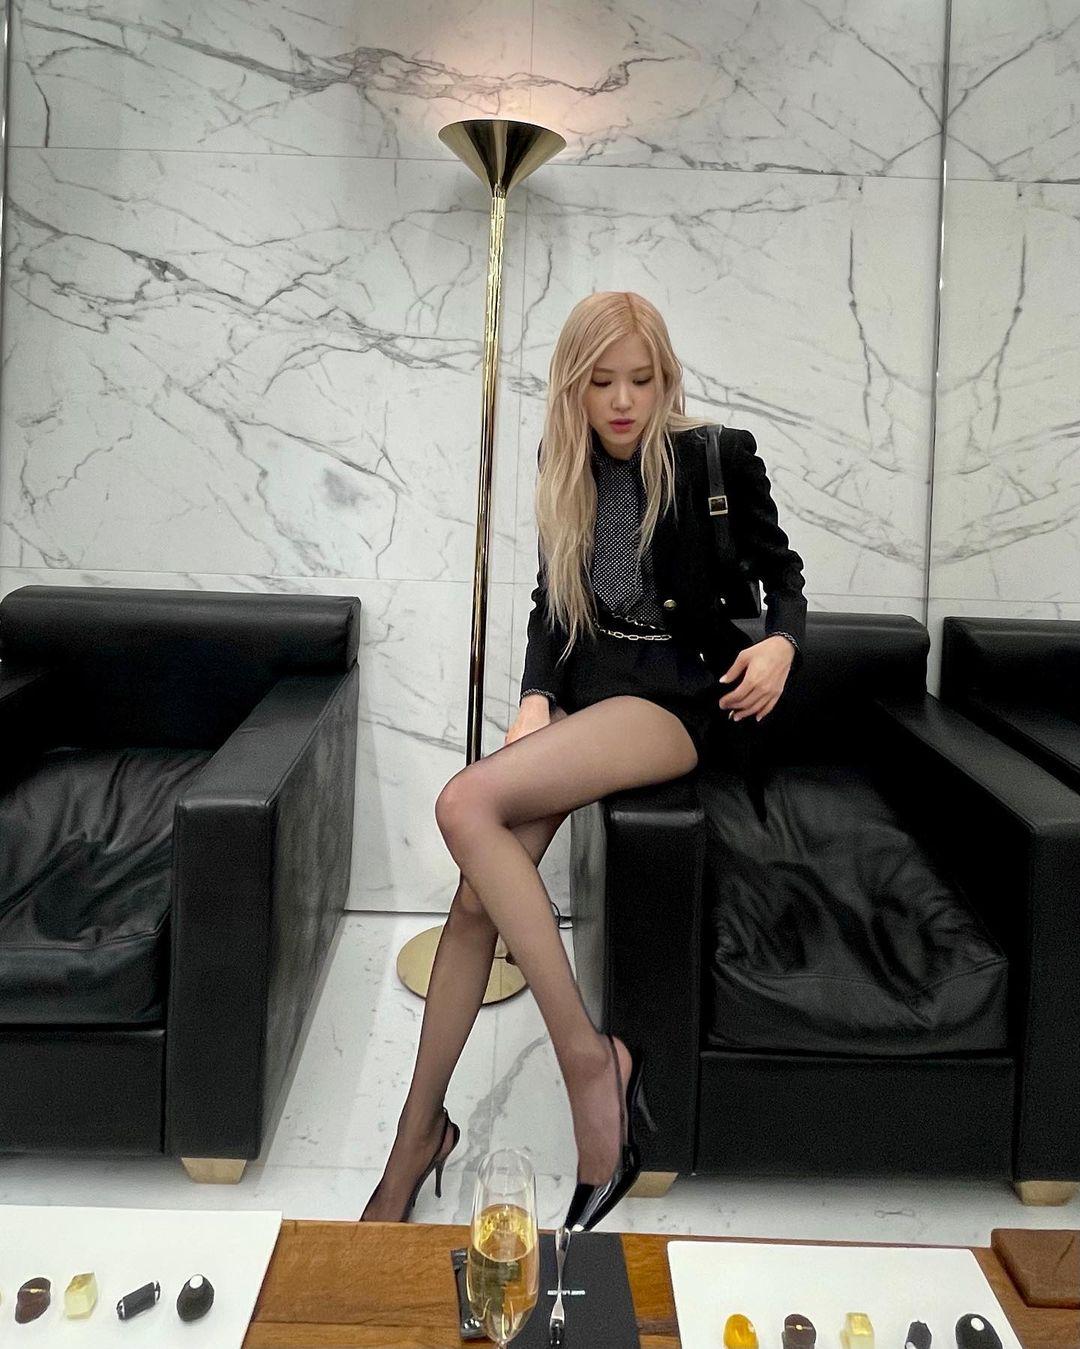 Với giày cao gót, các thiết kế mũi nhọn, gót nhọn nhẹ nhàng cũng phù hợp với vóc dáng và giúp Rosé tôn chân hơn hẳn.